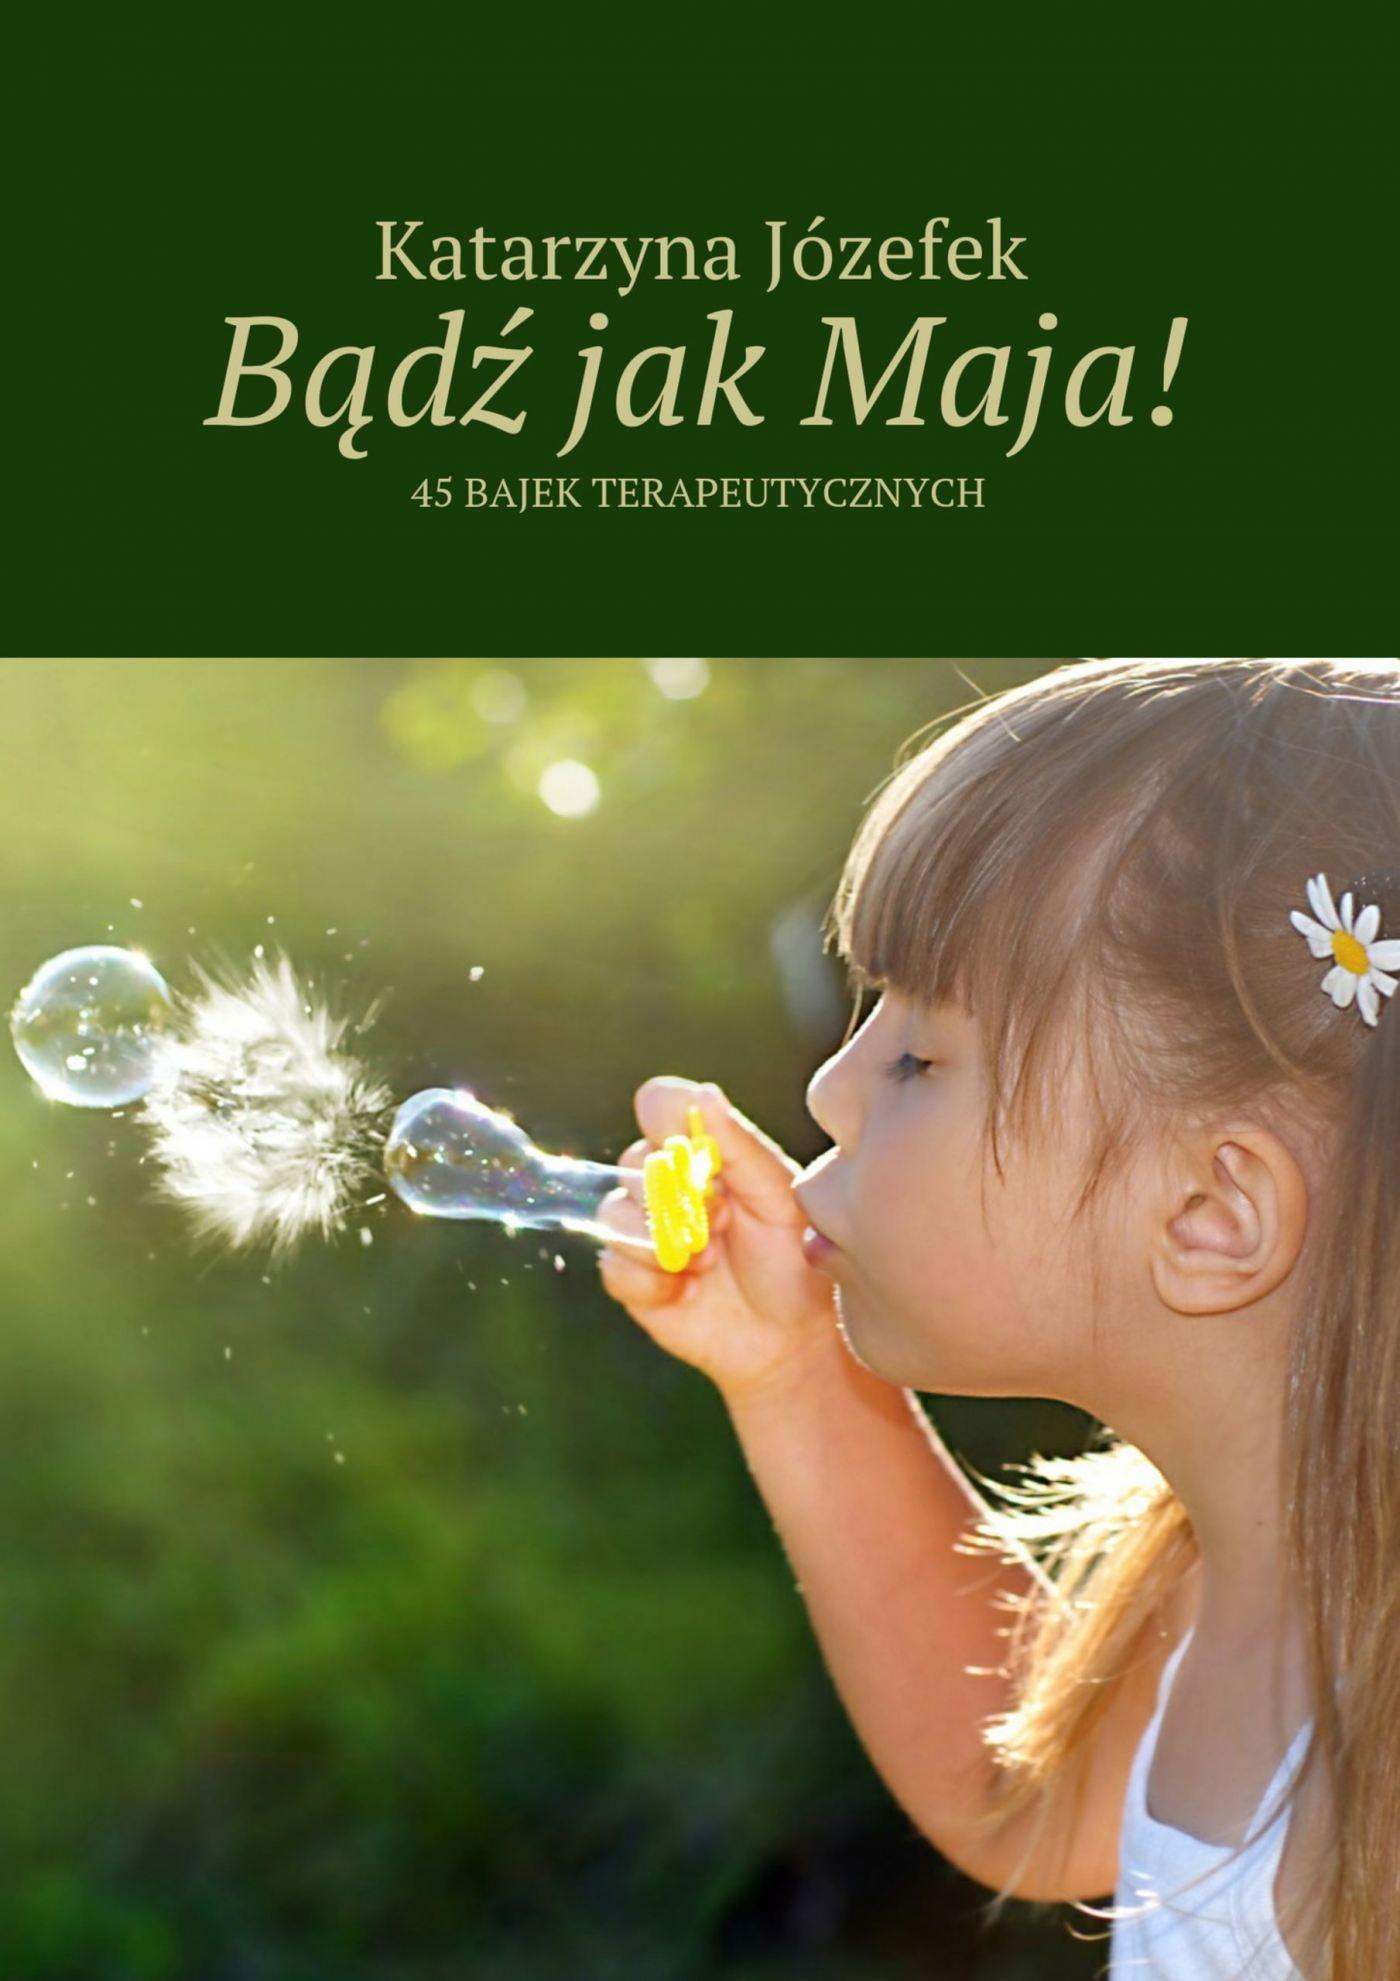 Bądź jak Maja! - Ebook (Książka na Kindle) do pobrania w formacie MOBI